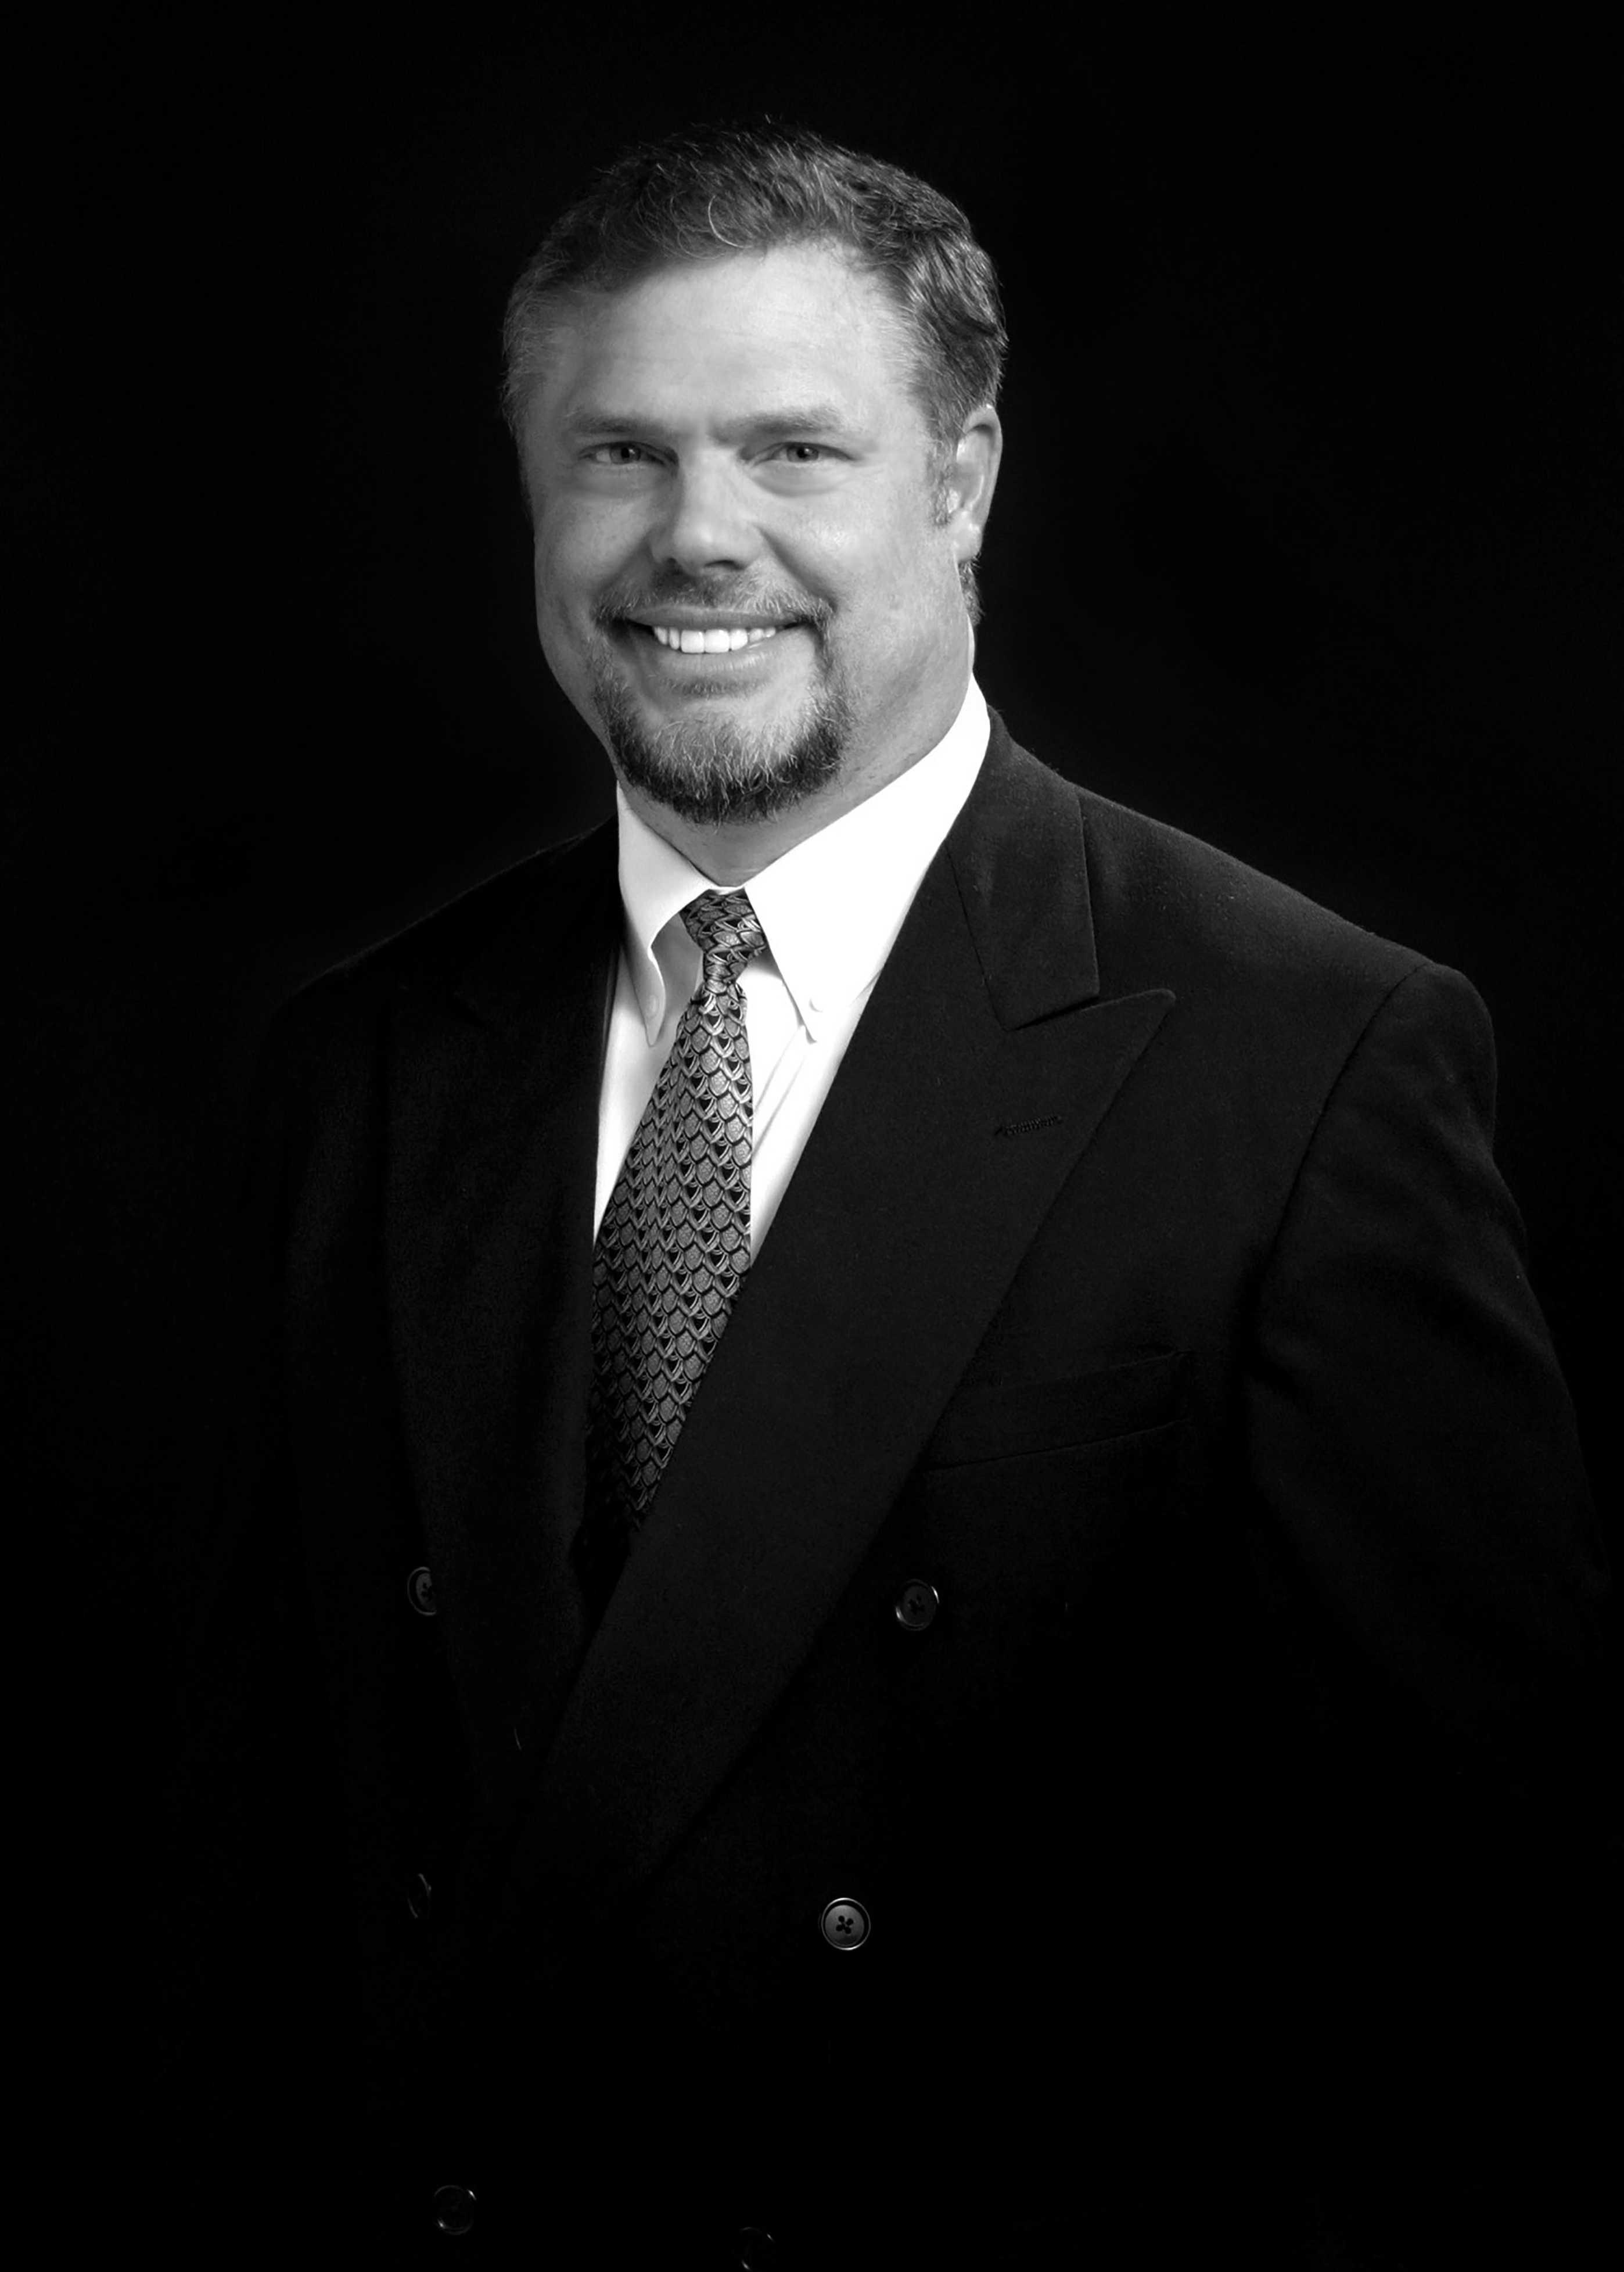 Headshot of Doctor James Craig Pinkerton